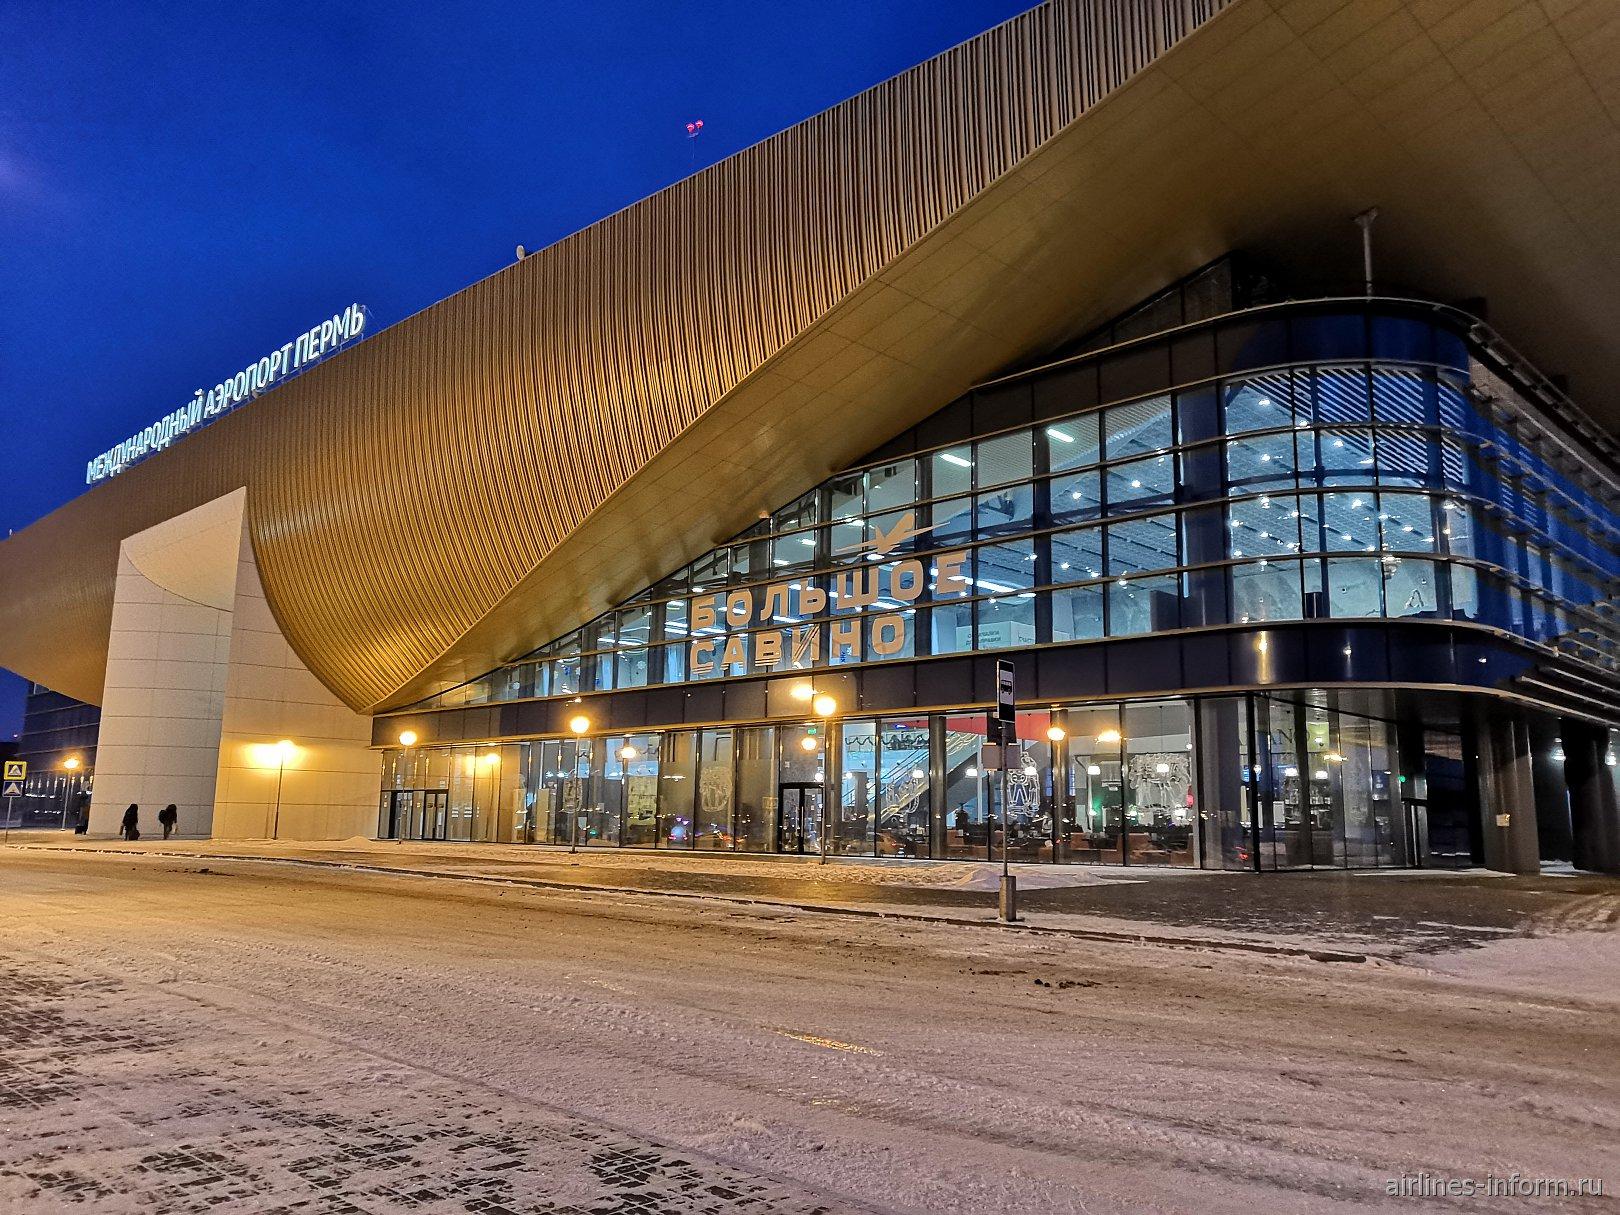 У входа в терминал аэропорта Пермь Большое Савино